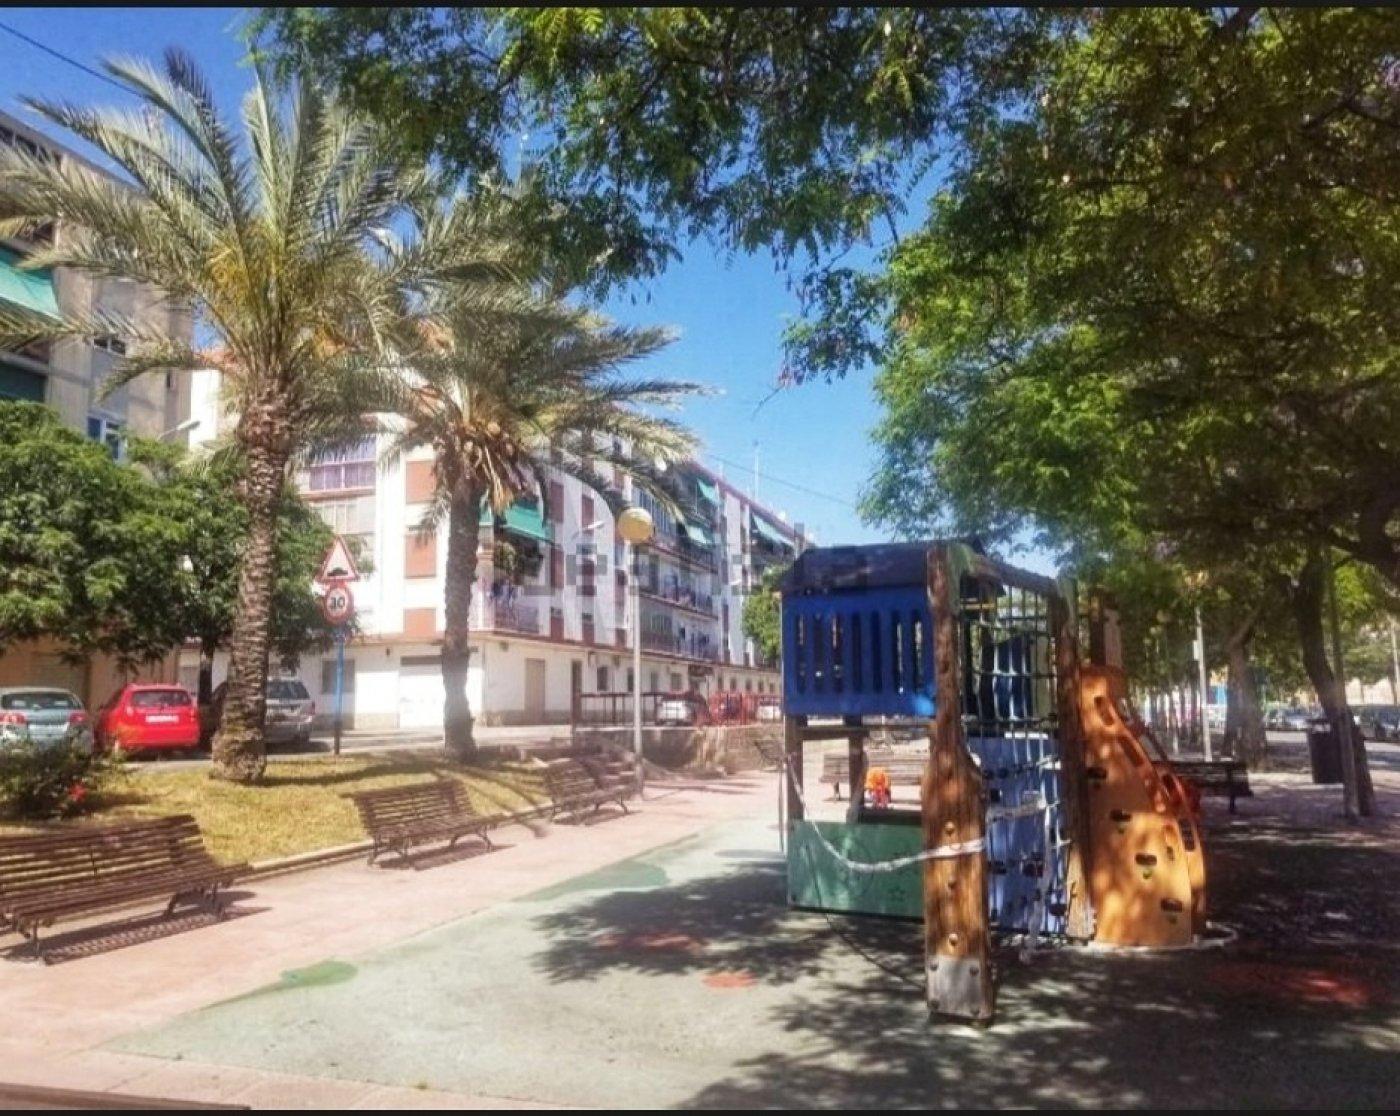 Piso de SegundaMano en Nou Alacant Alicante